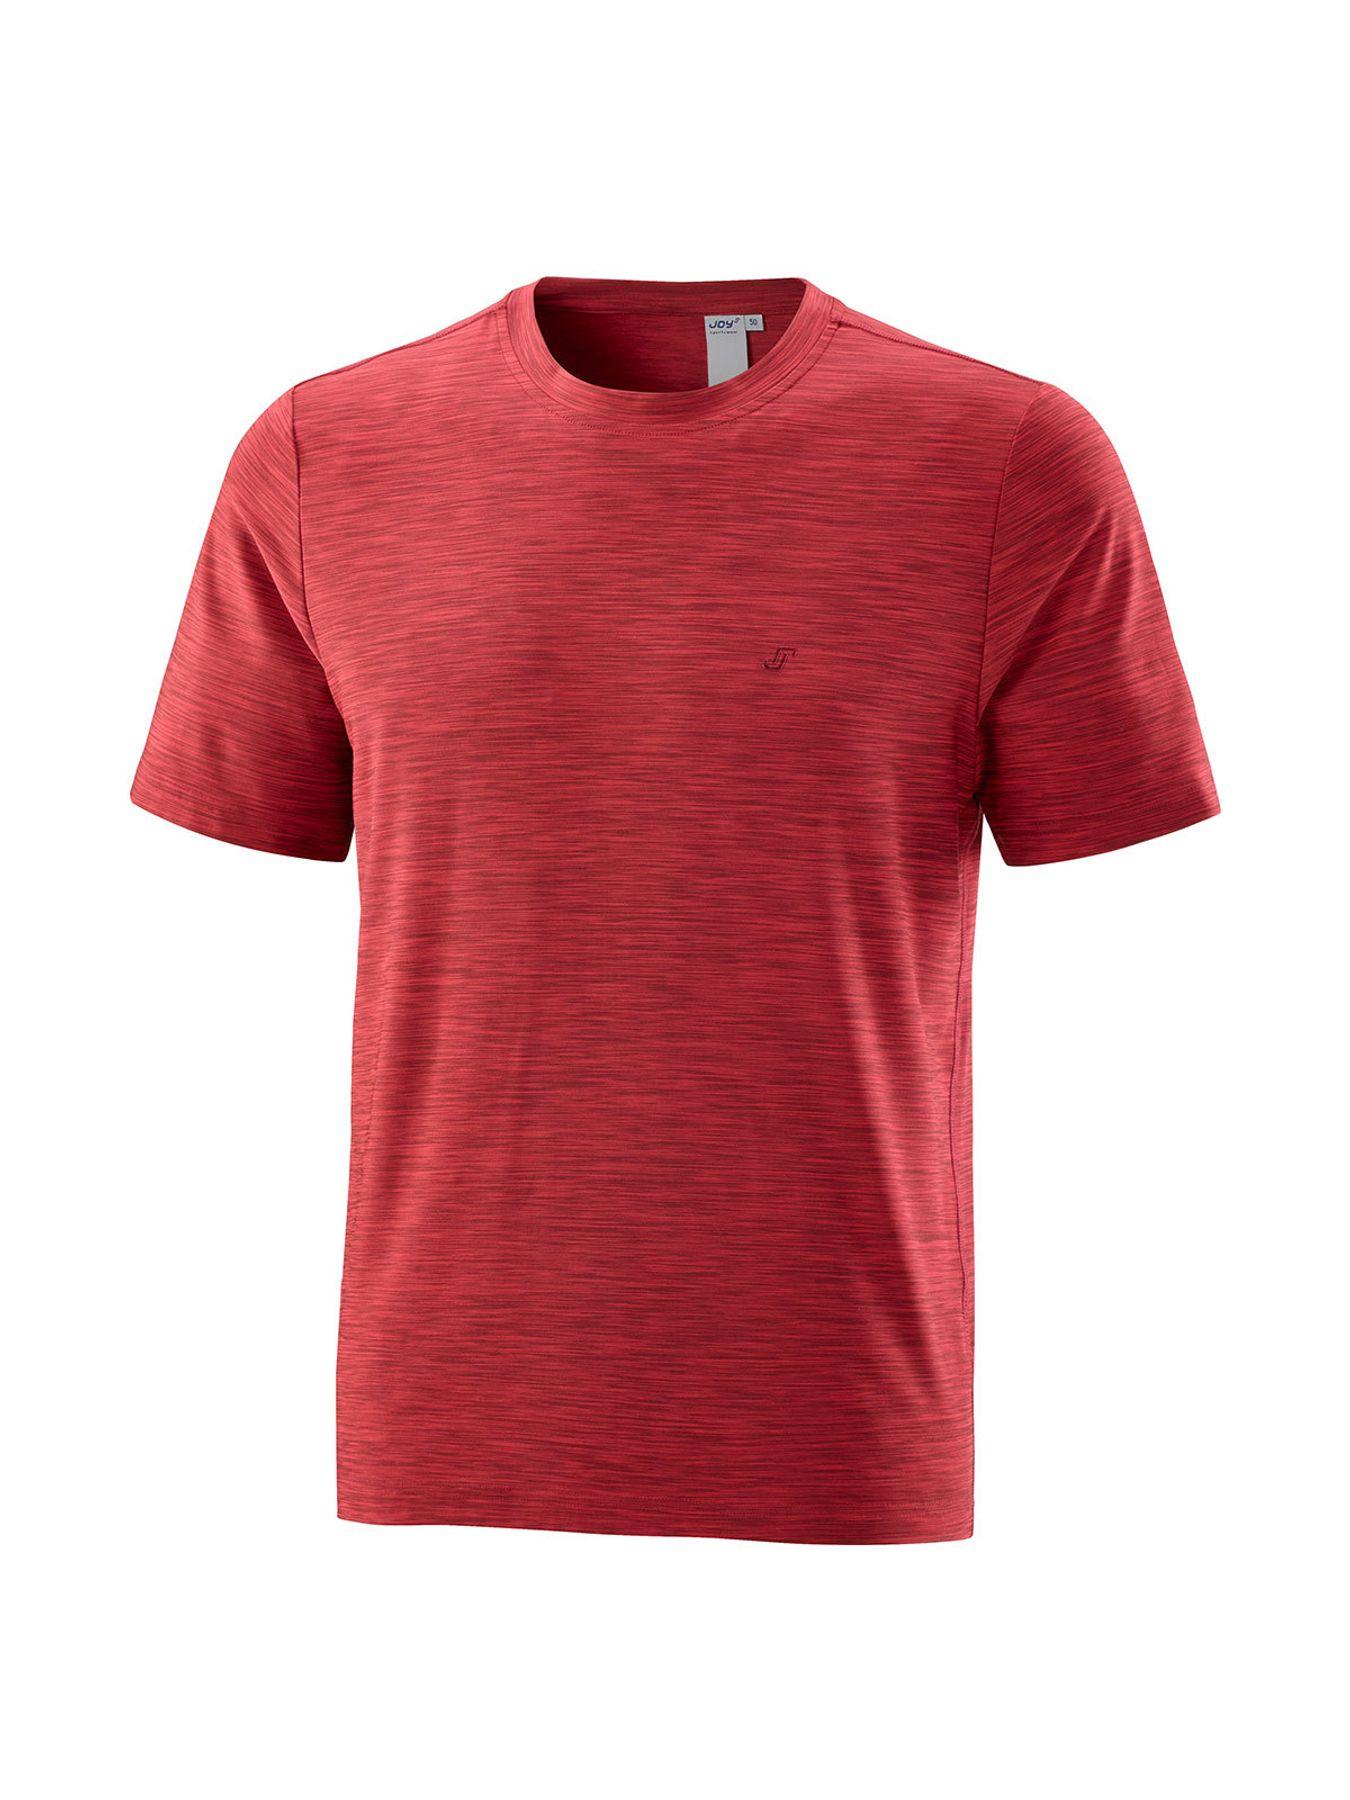 Joy - Herren Sport und Freizeit Shirt mit Rundhalsausschnitt, Vitus (40205) – Bild 5